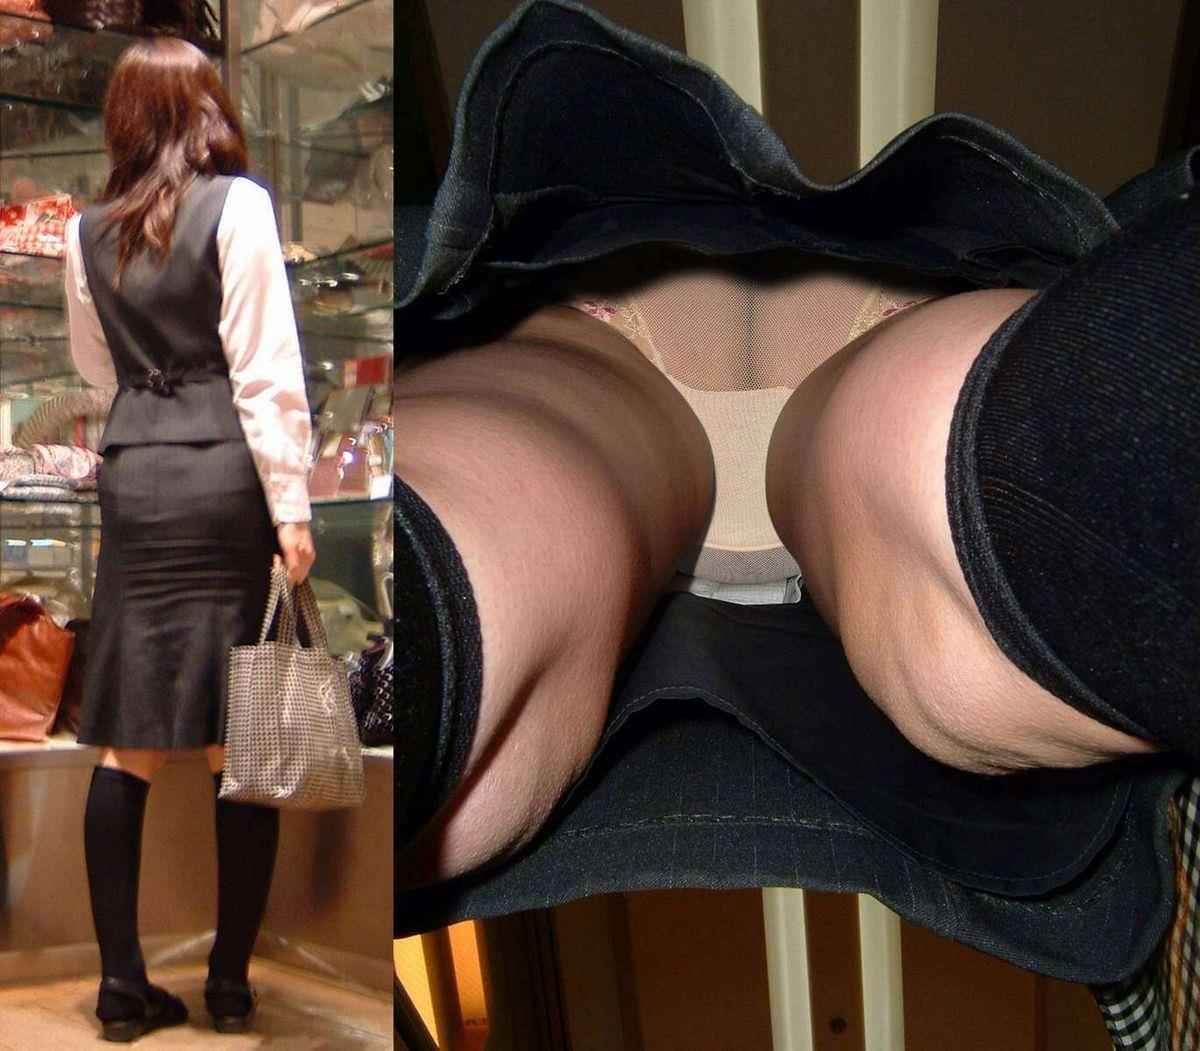 街ですれ違った女のパンツが無性に見たい欲求を満たしてくれる逆さパンチラ画像 3511